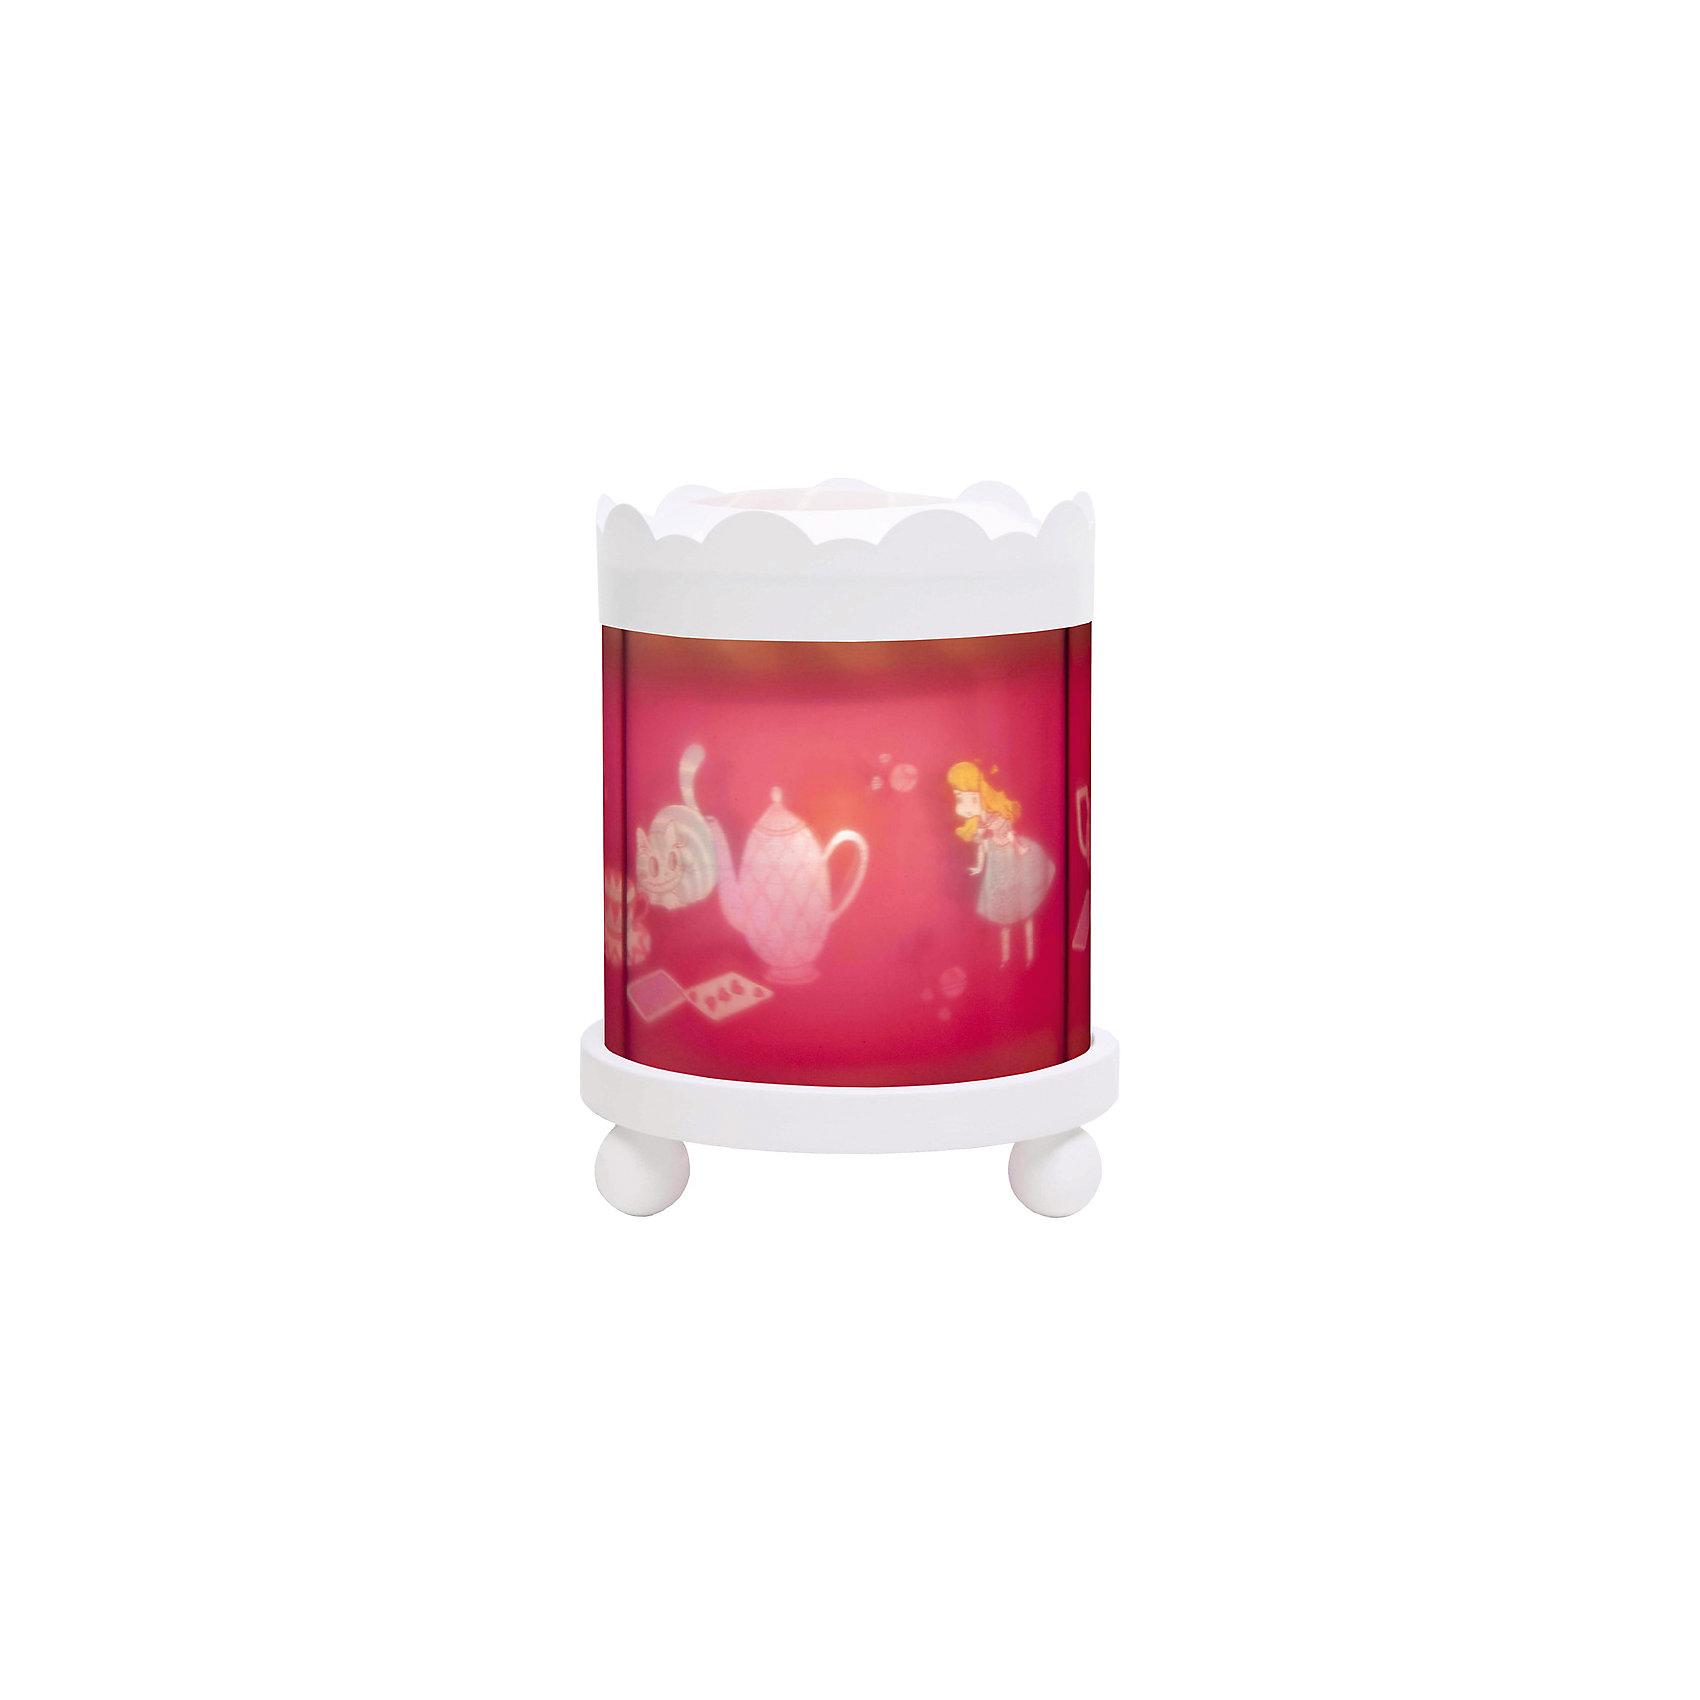 TROUSSELIER Светильник-ночник с функцией проектора Alice, Trousselier ночники pabobo ночник мишка путешественник